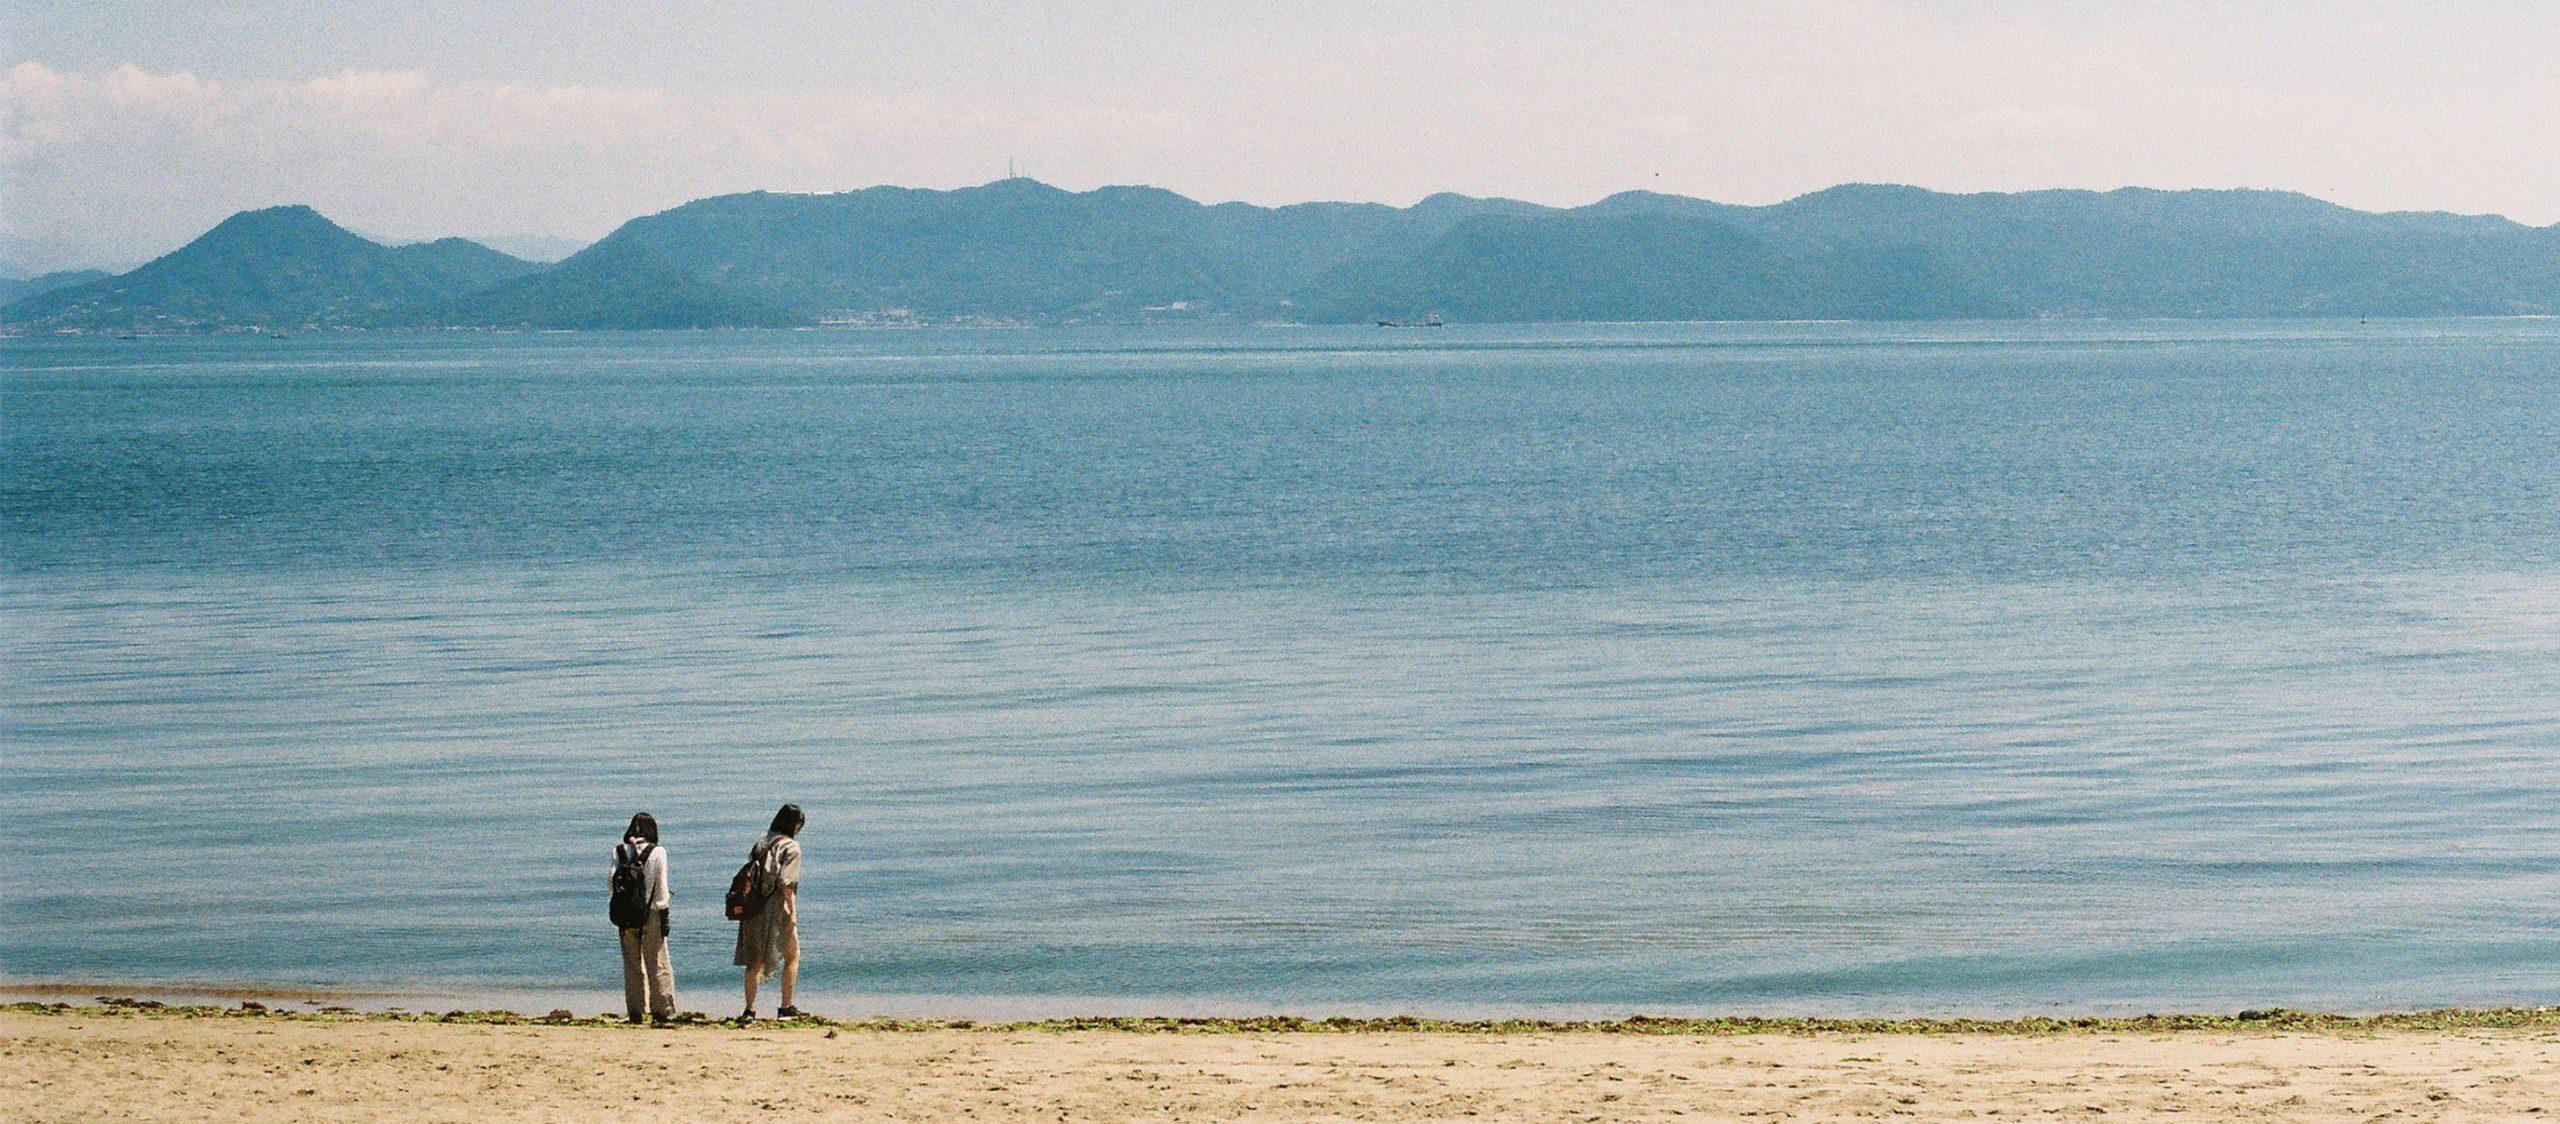 """""""ไว้ถูกหวยเมื่อไหร่ ไปเที่ยวต่างประเทศกัน"""" บันทึกการเดินทางไปญี่ปุ่นครั้งแรกในชีวิต"""